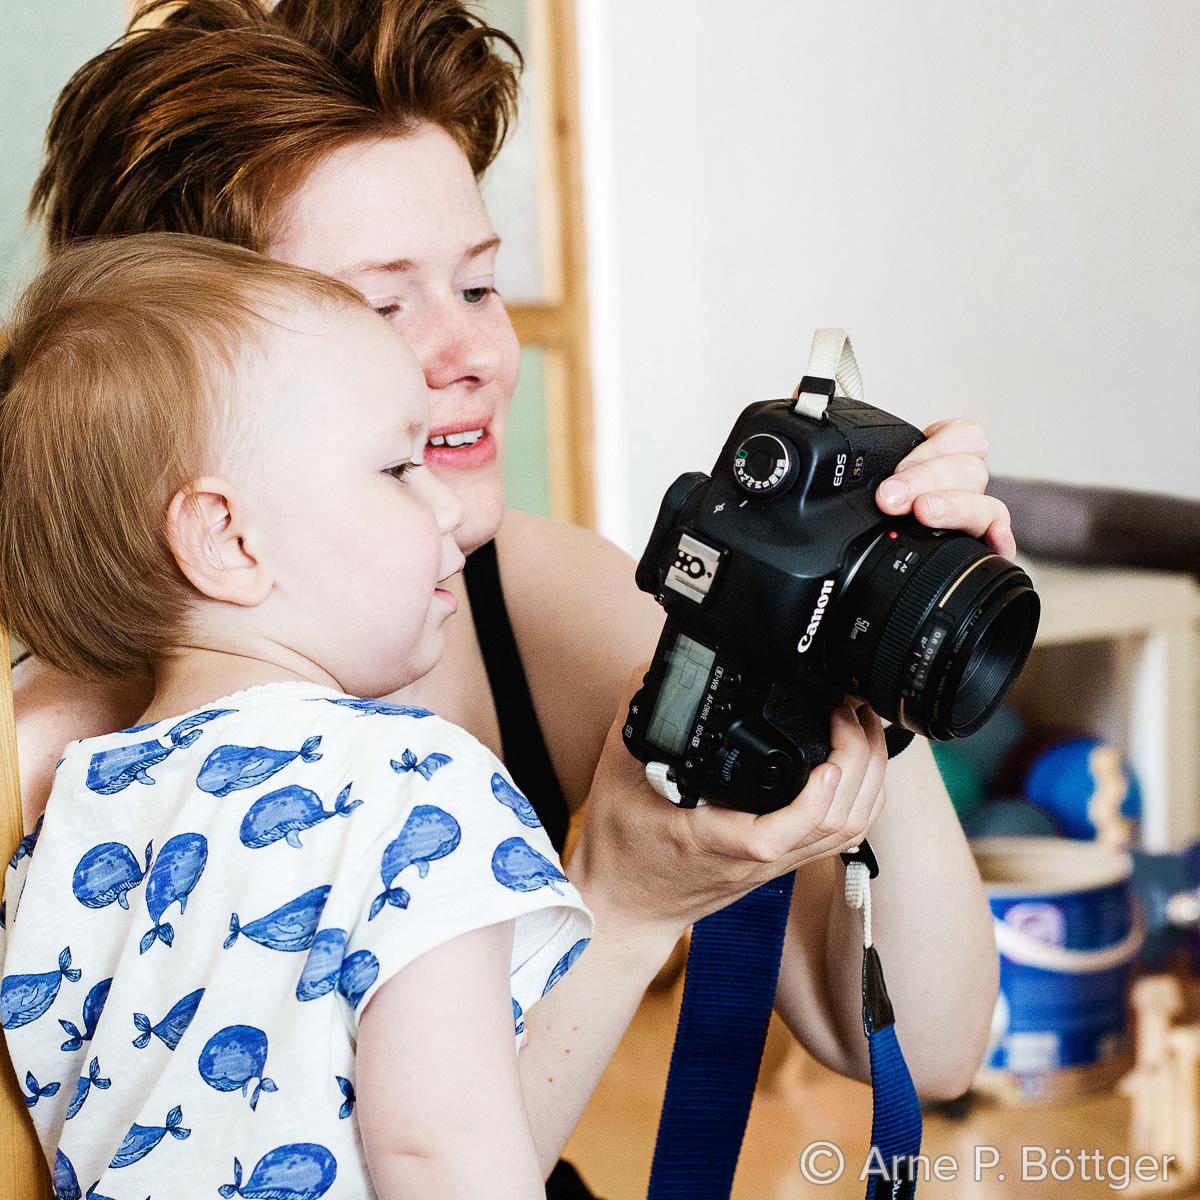 Fotografin zeigt einem Kind Bilder auf der Kamera